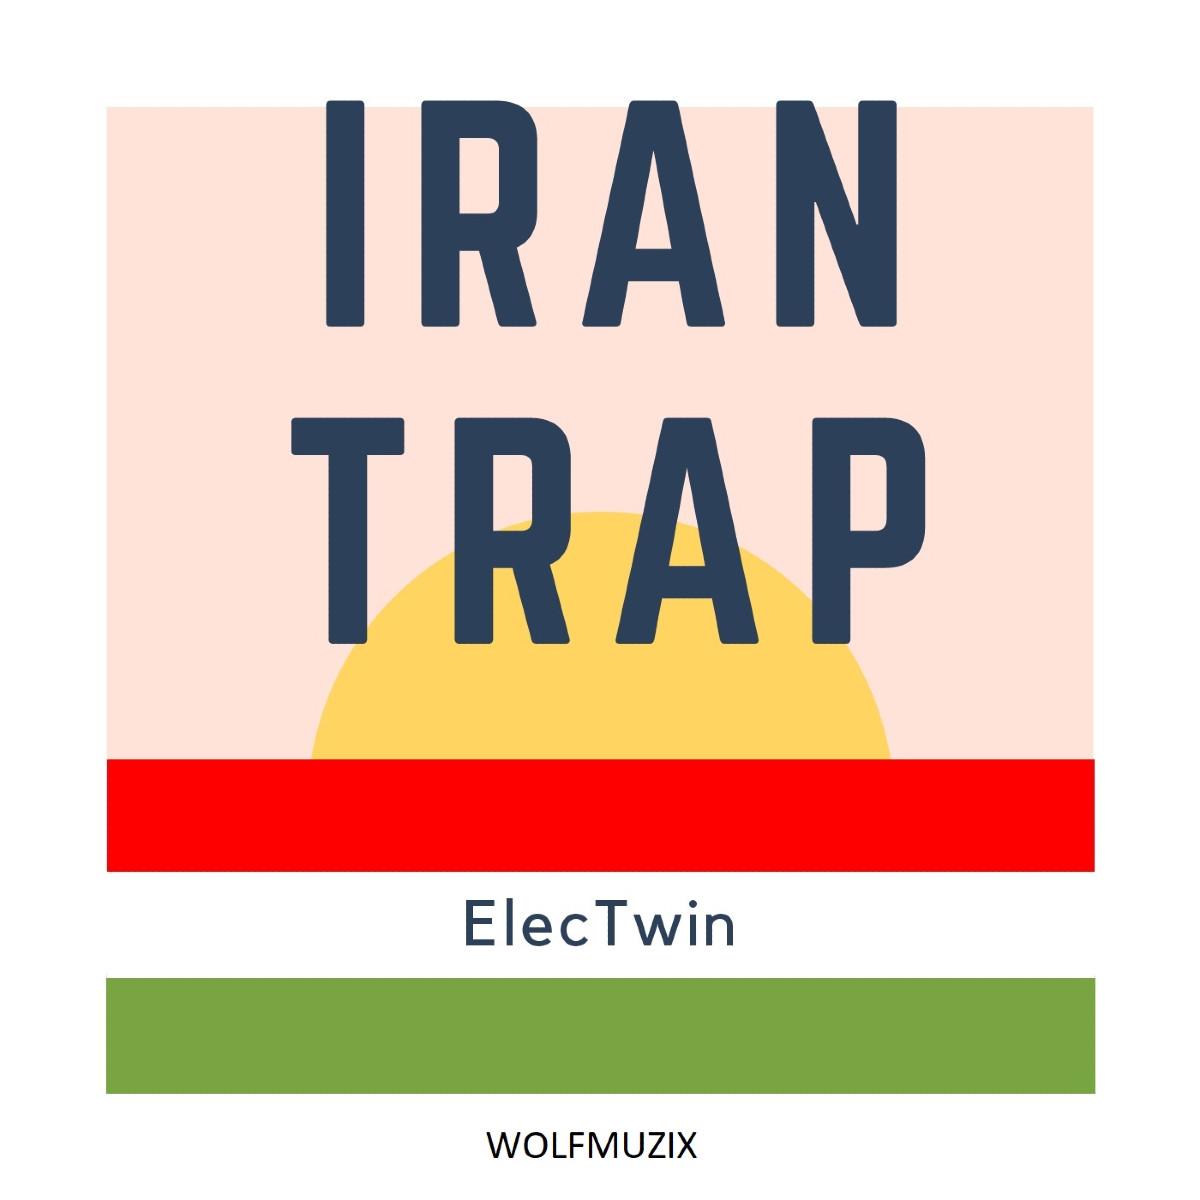 ElecTwin - Iran Trap Album